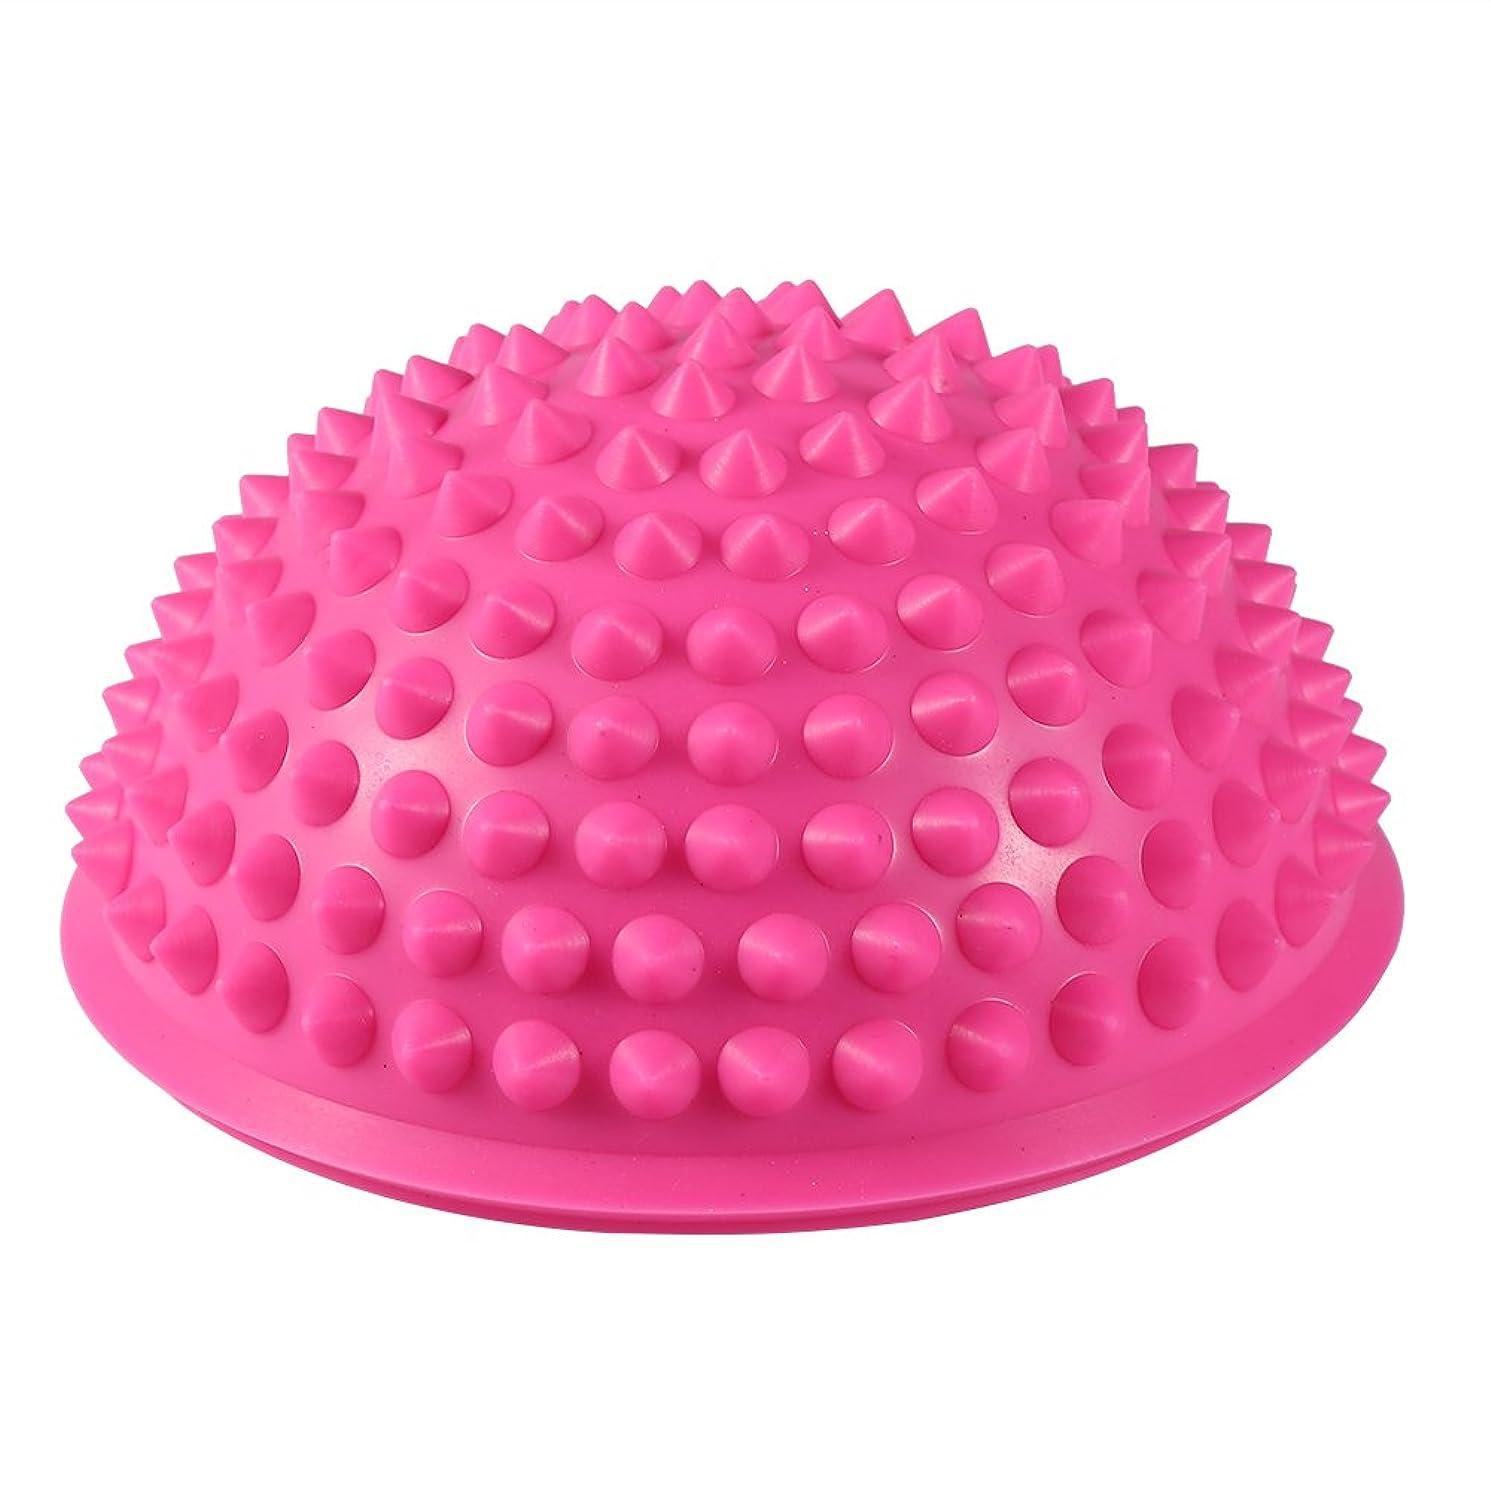 白鳥謝る必要条件ハーフラウンドPVCマッサージボールヨガボールフィットネスエクササイズジムマッサージ5色(ピンク)